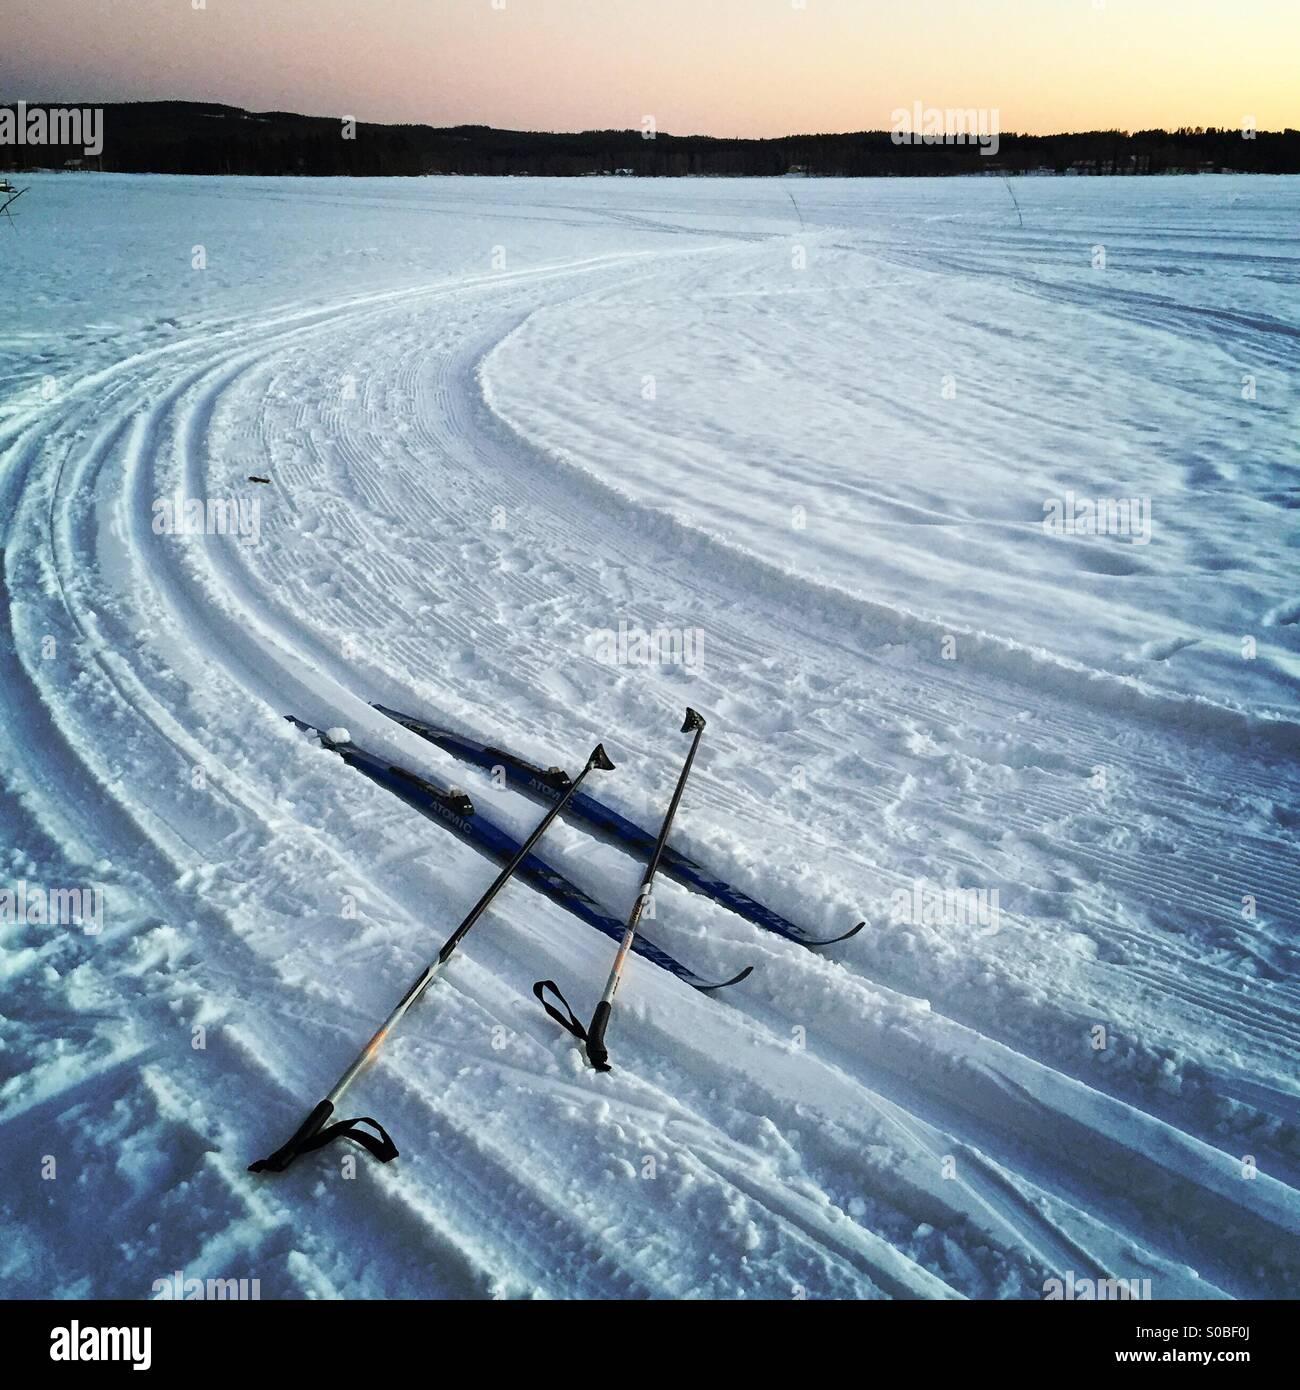 Una coppia di sci di fondo sci e polacchi nella forma di un hashtag nel deserto di alcuni brani su un congelati Immagini Stock